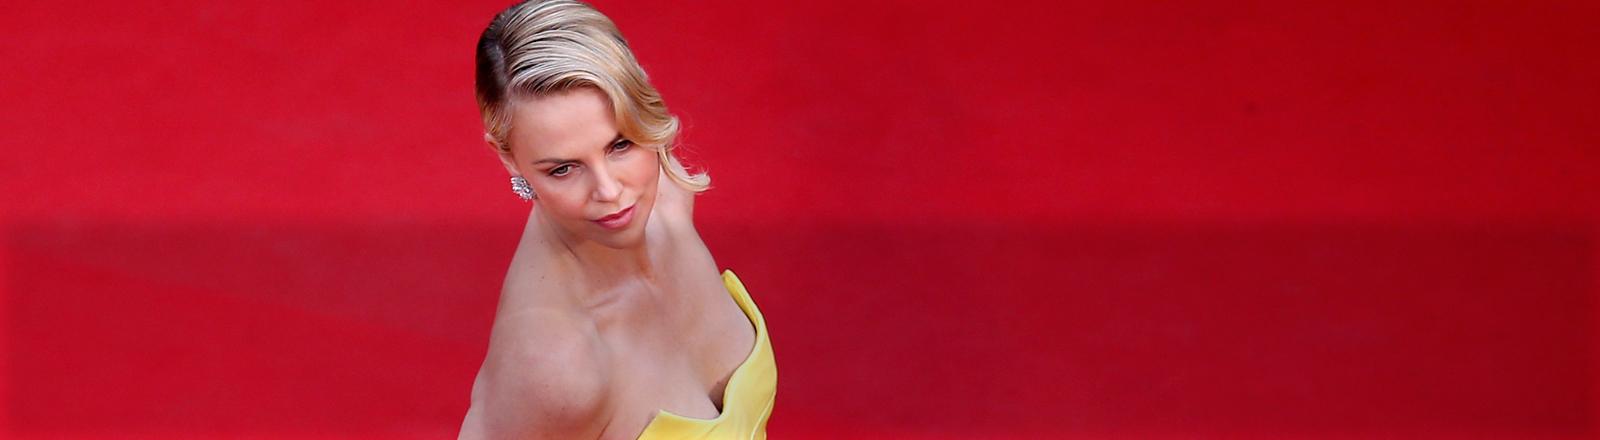 Charlize Theron bei den 68. Filmfestspielen von Cannes.